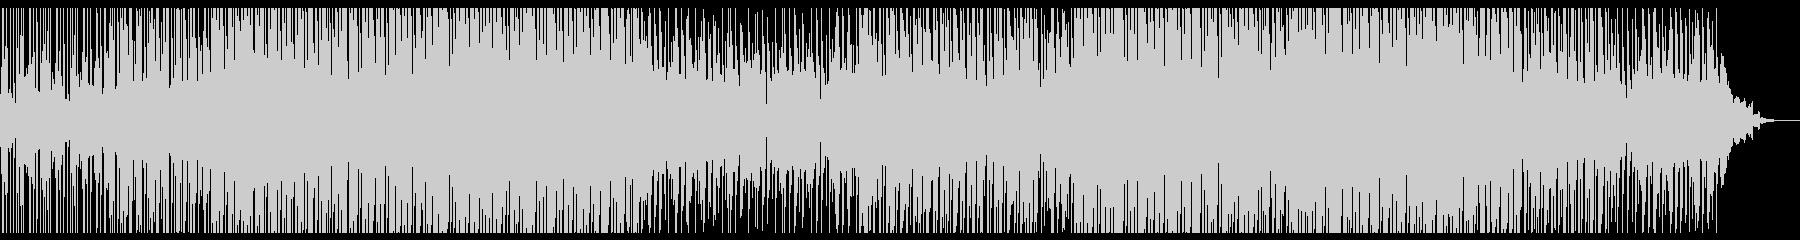 トロピカルの未再生の波形